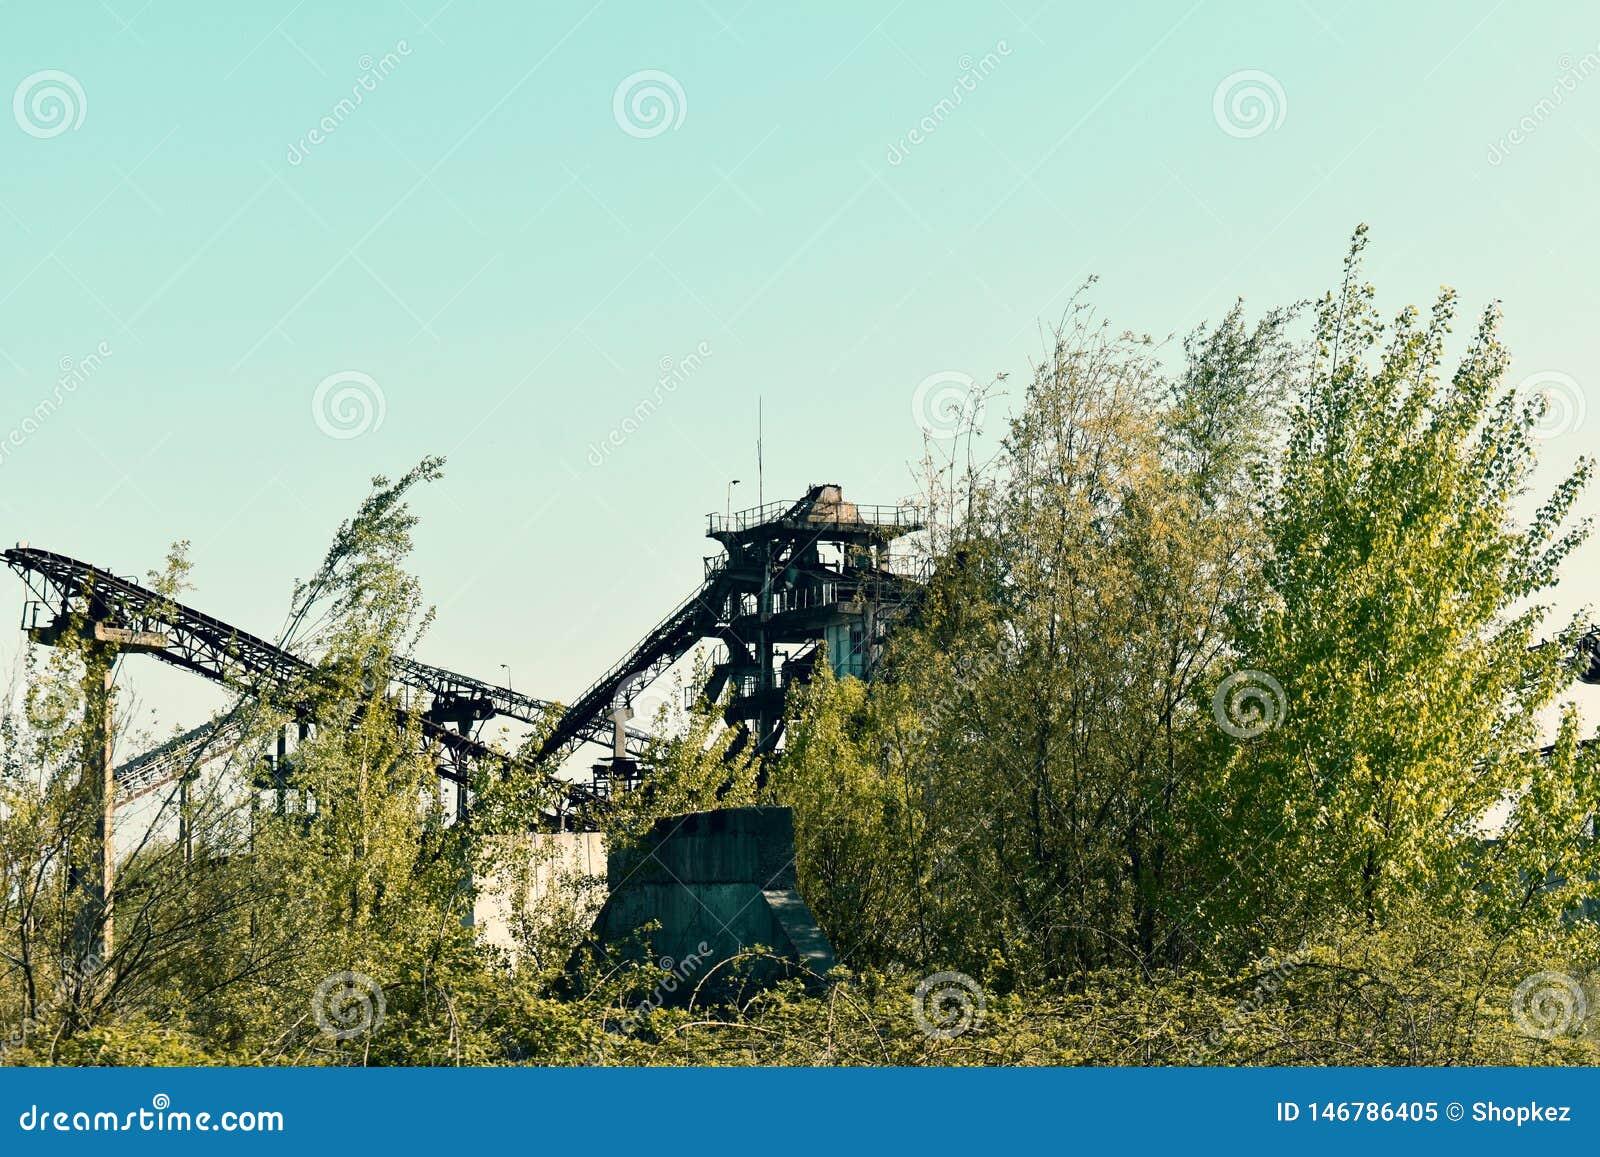 Получившаяся отказ промышленная платформа с ржавыми элементами